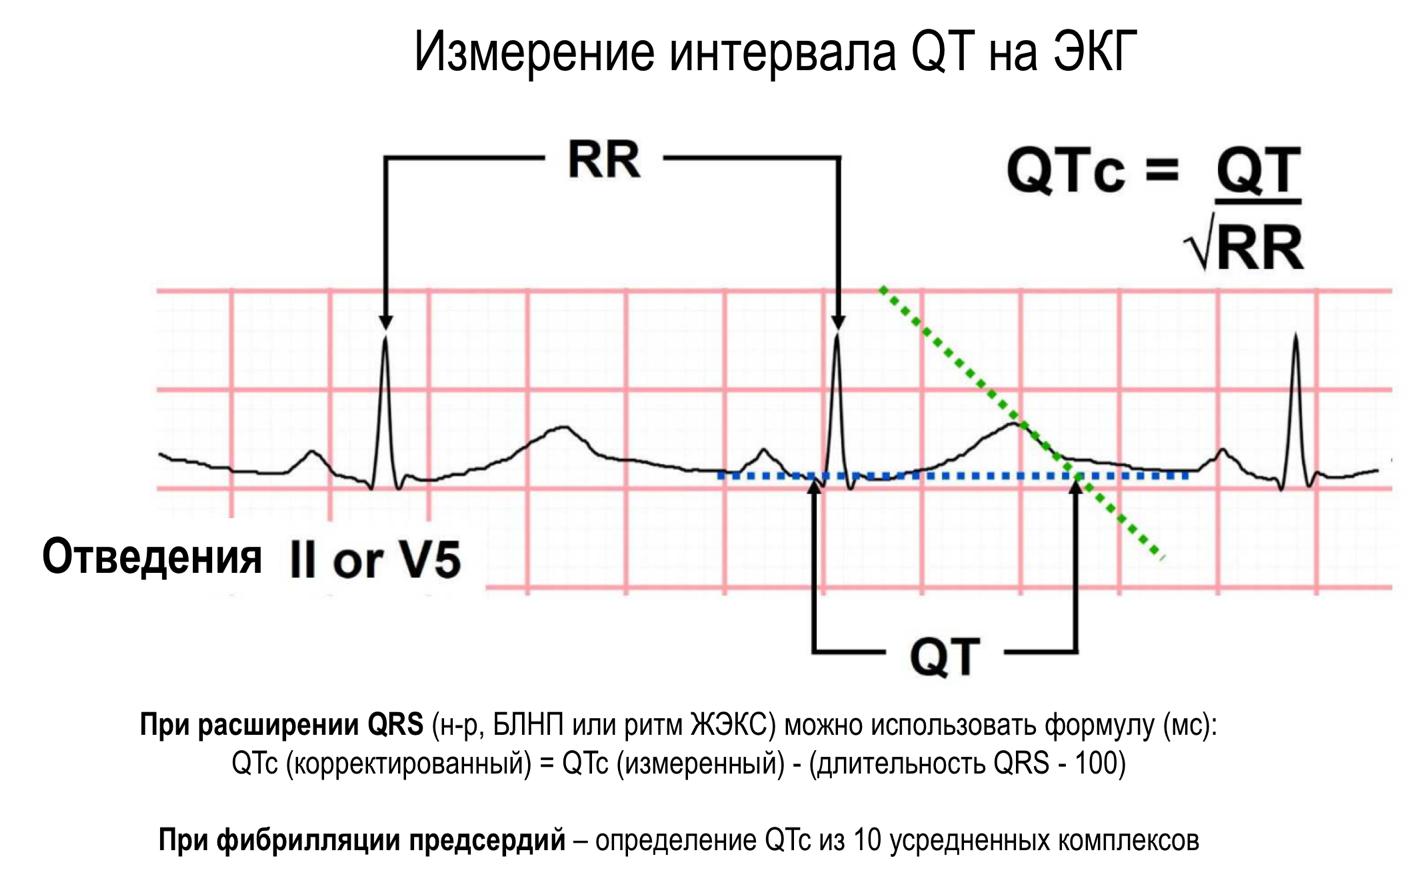 Руководство по минимизации риска лекарственно-индуцированной желудочковой аритмии при лечении COVID-19: положение Канадского общества сердечного ритма